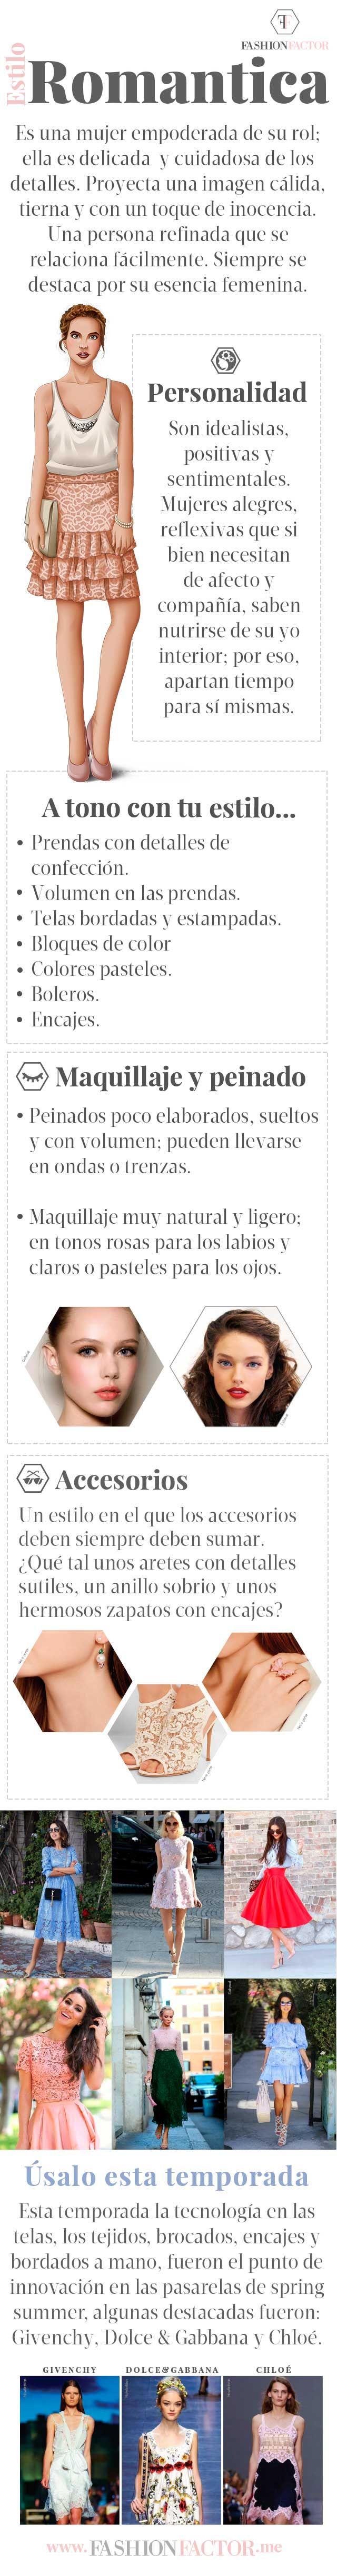 Mujer femenina , Estilo romántico , Mujer romántica , Estampados sutiles , Prendas de confección , Maquillaje natural y ligero